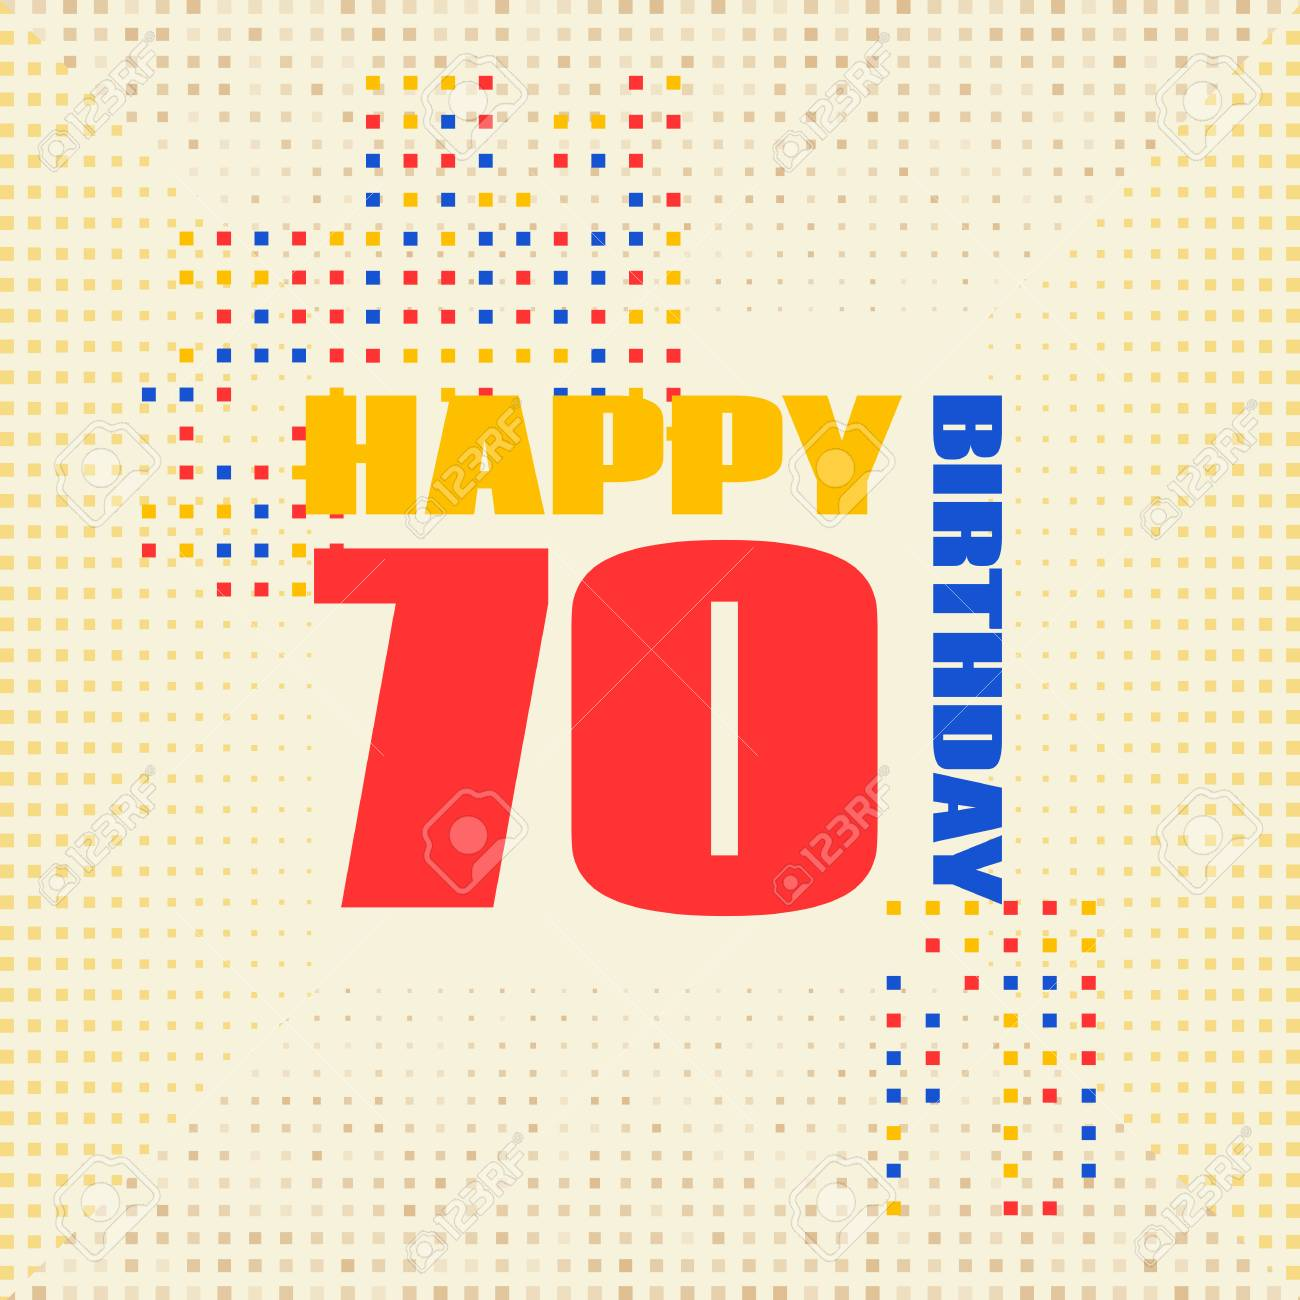 Tarjeta De Aniversario 70 Años De Cumpleaños Diseño Para Póster O Invitación Estilo De Memphis